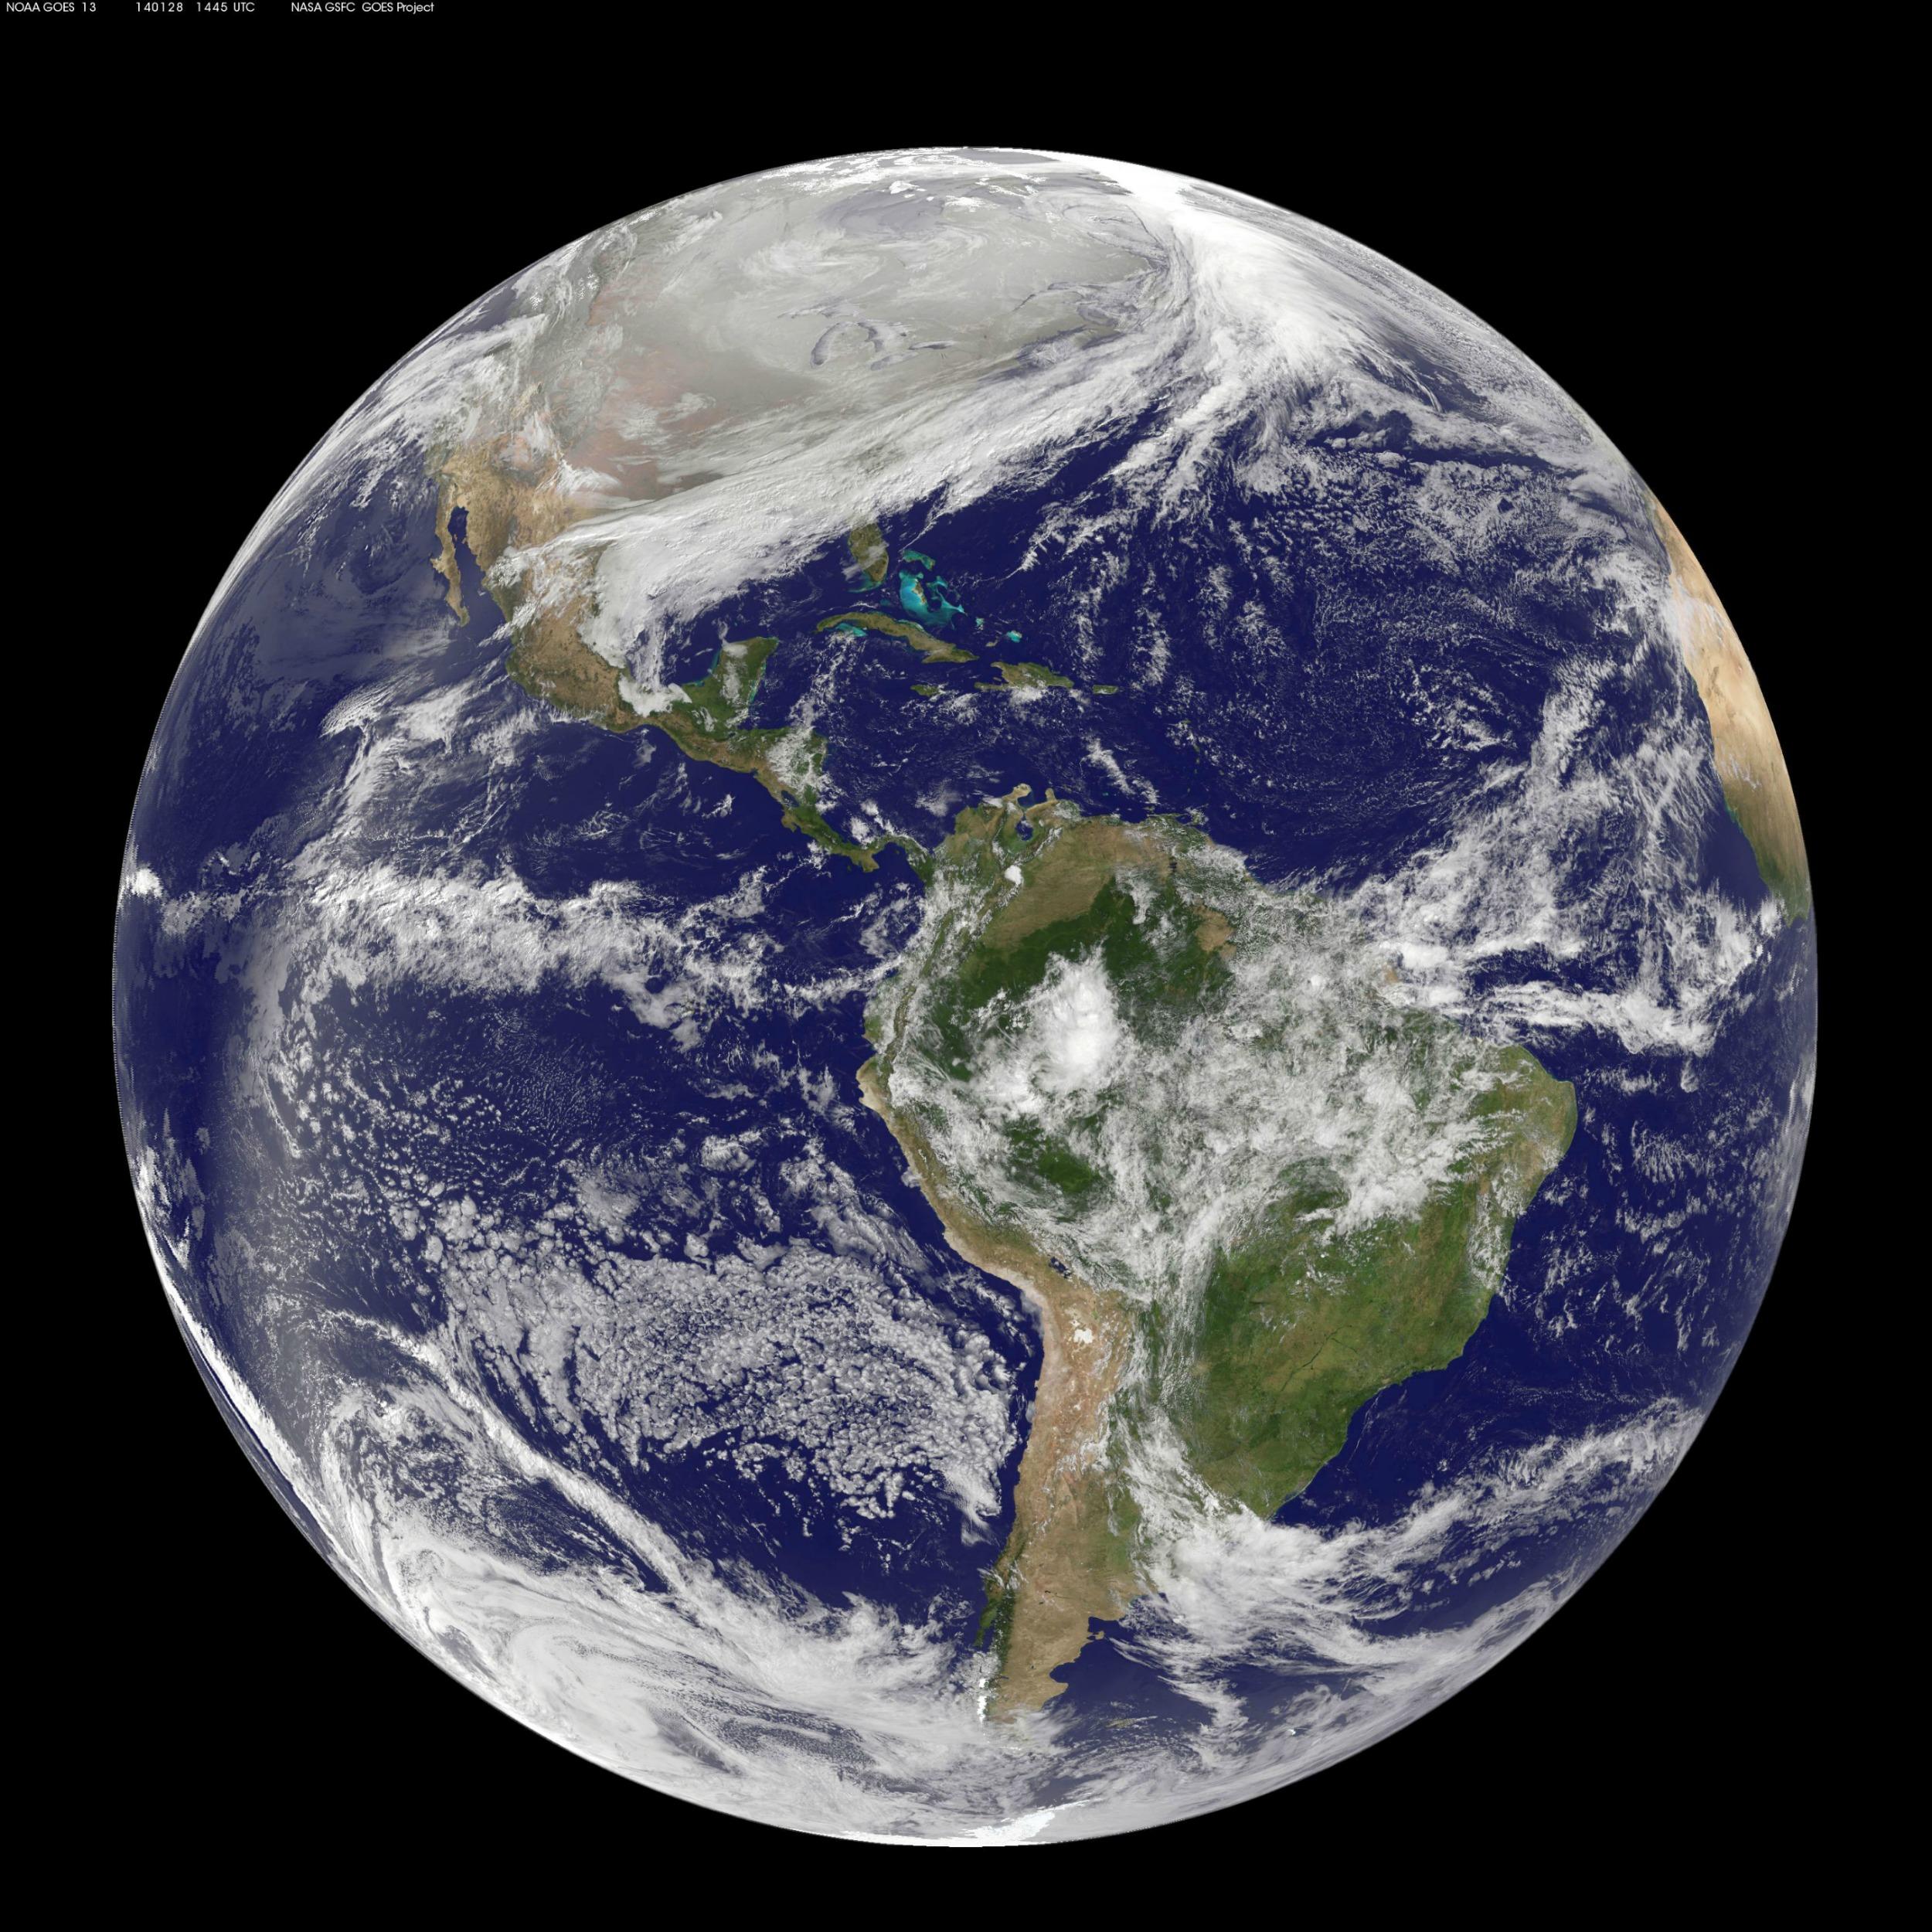 jorden, planet, planeten jorden, liv, liv på jorden, forskere, fund, videnskab, forskning, organisme, organismer, tgn på liv,